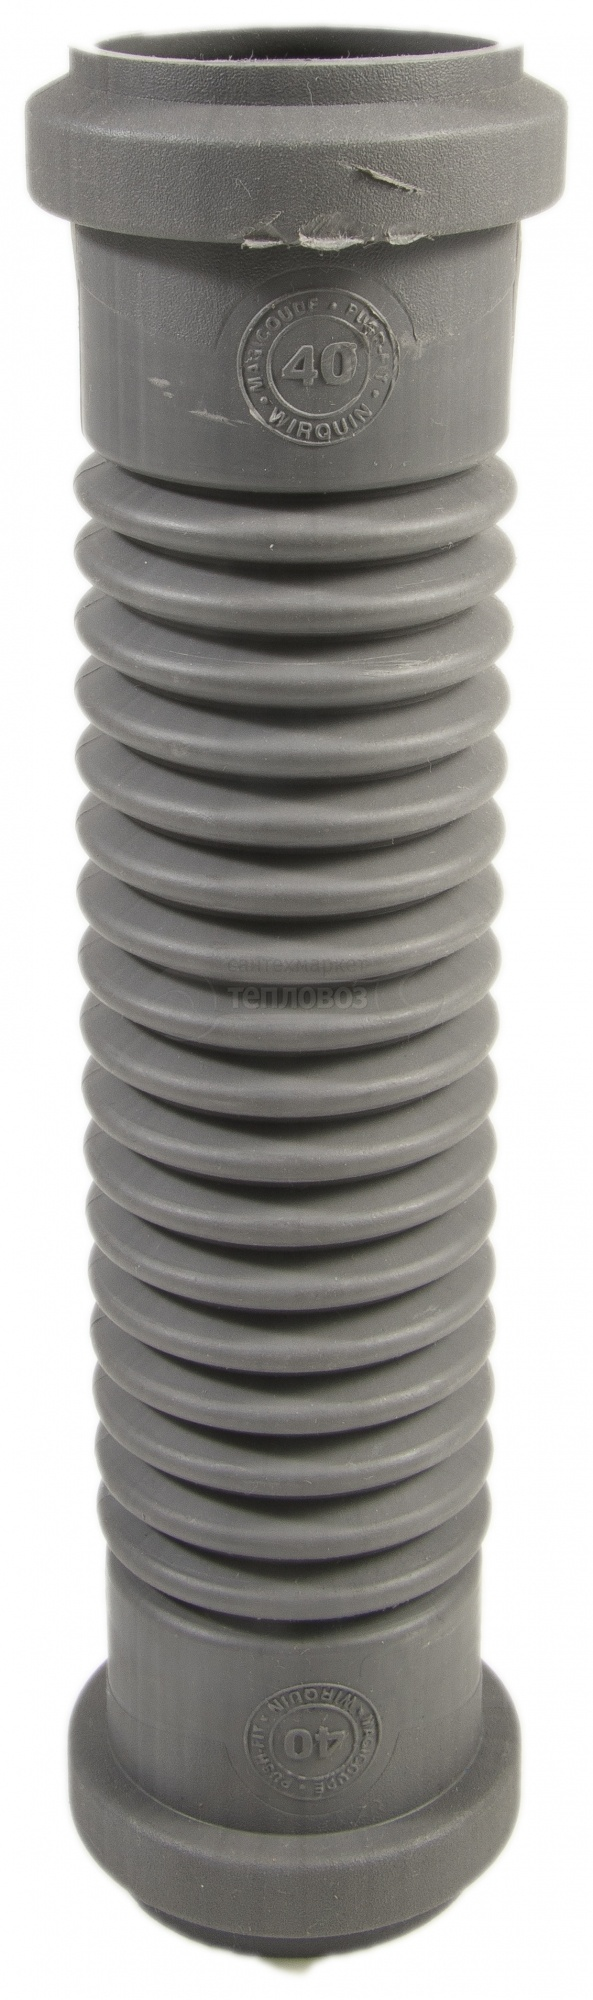 """Купить Wirquin Magicoude 79027001 """"Push-FIT"""", серый в интернет-магазине Дождь"""